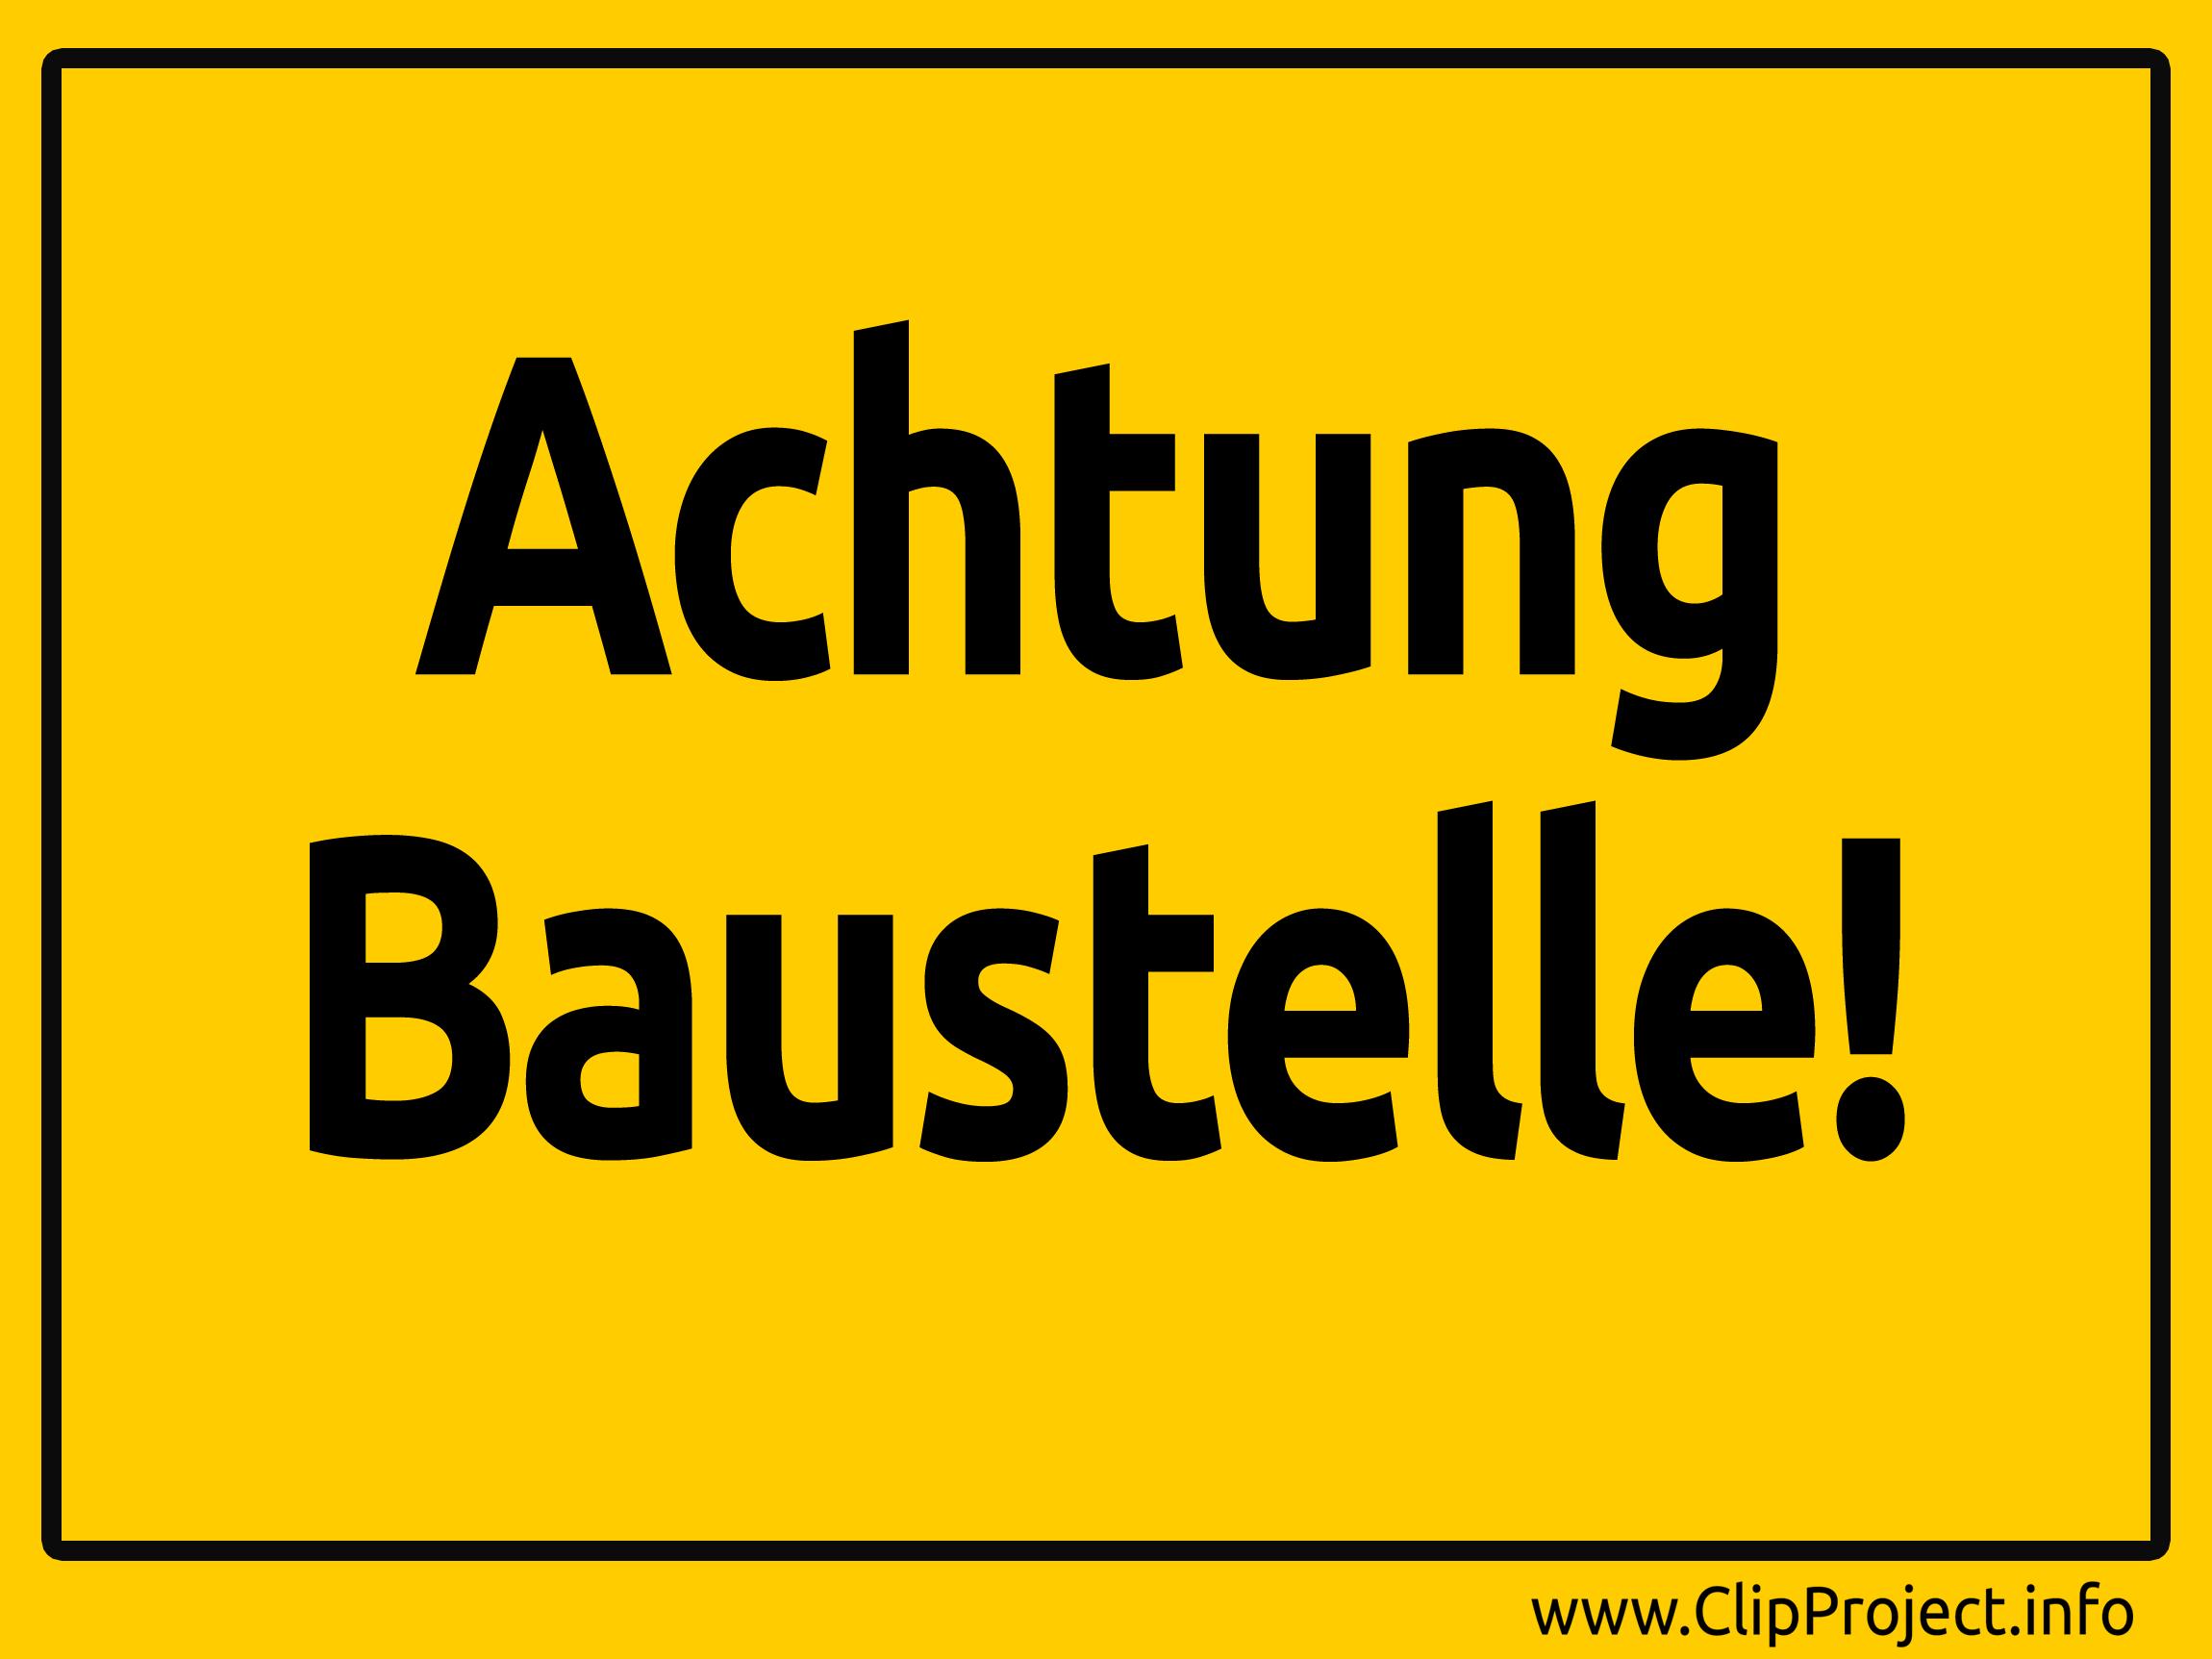 Achtung Baustelle Schild.